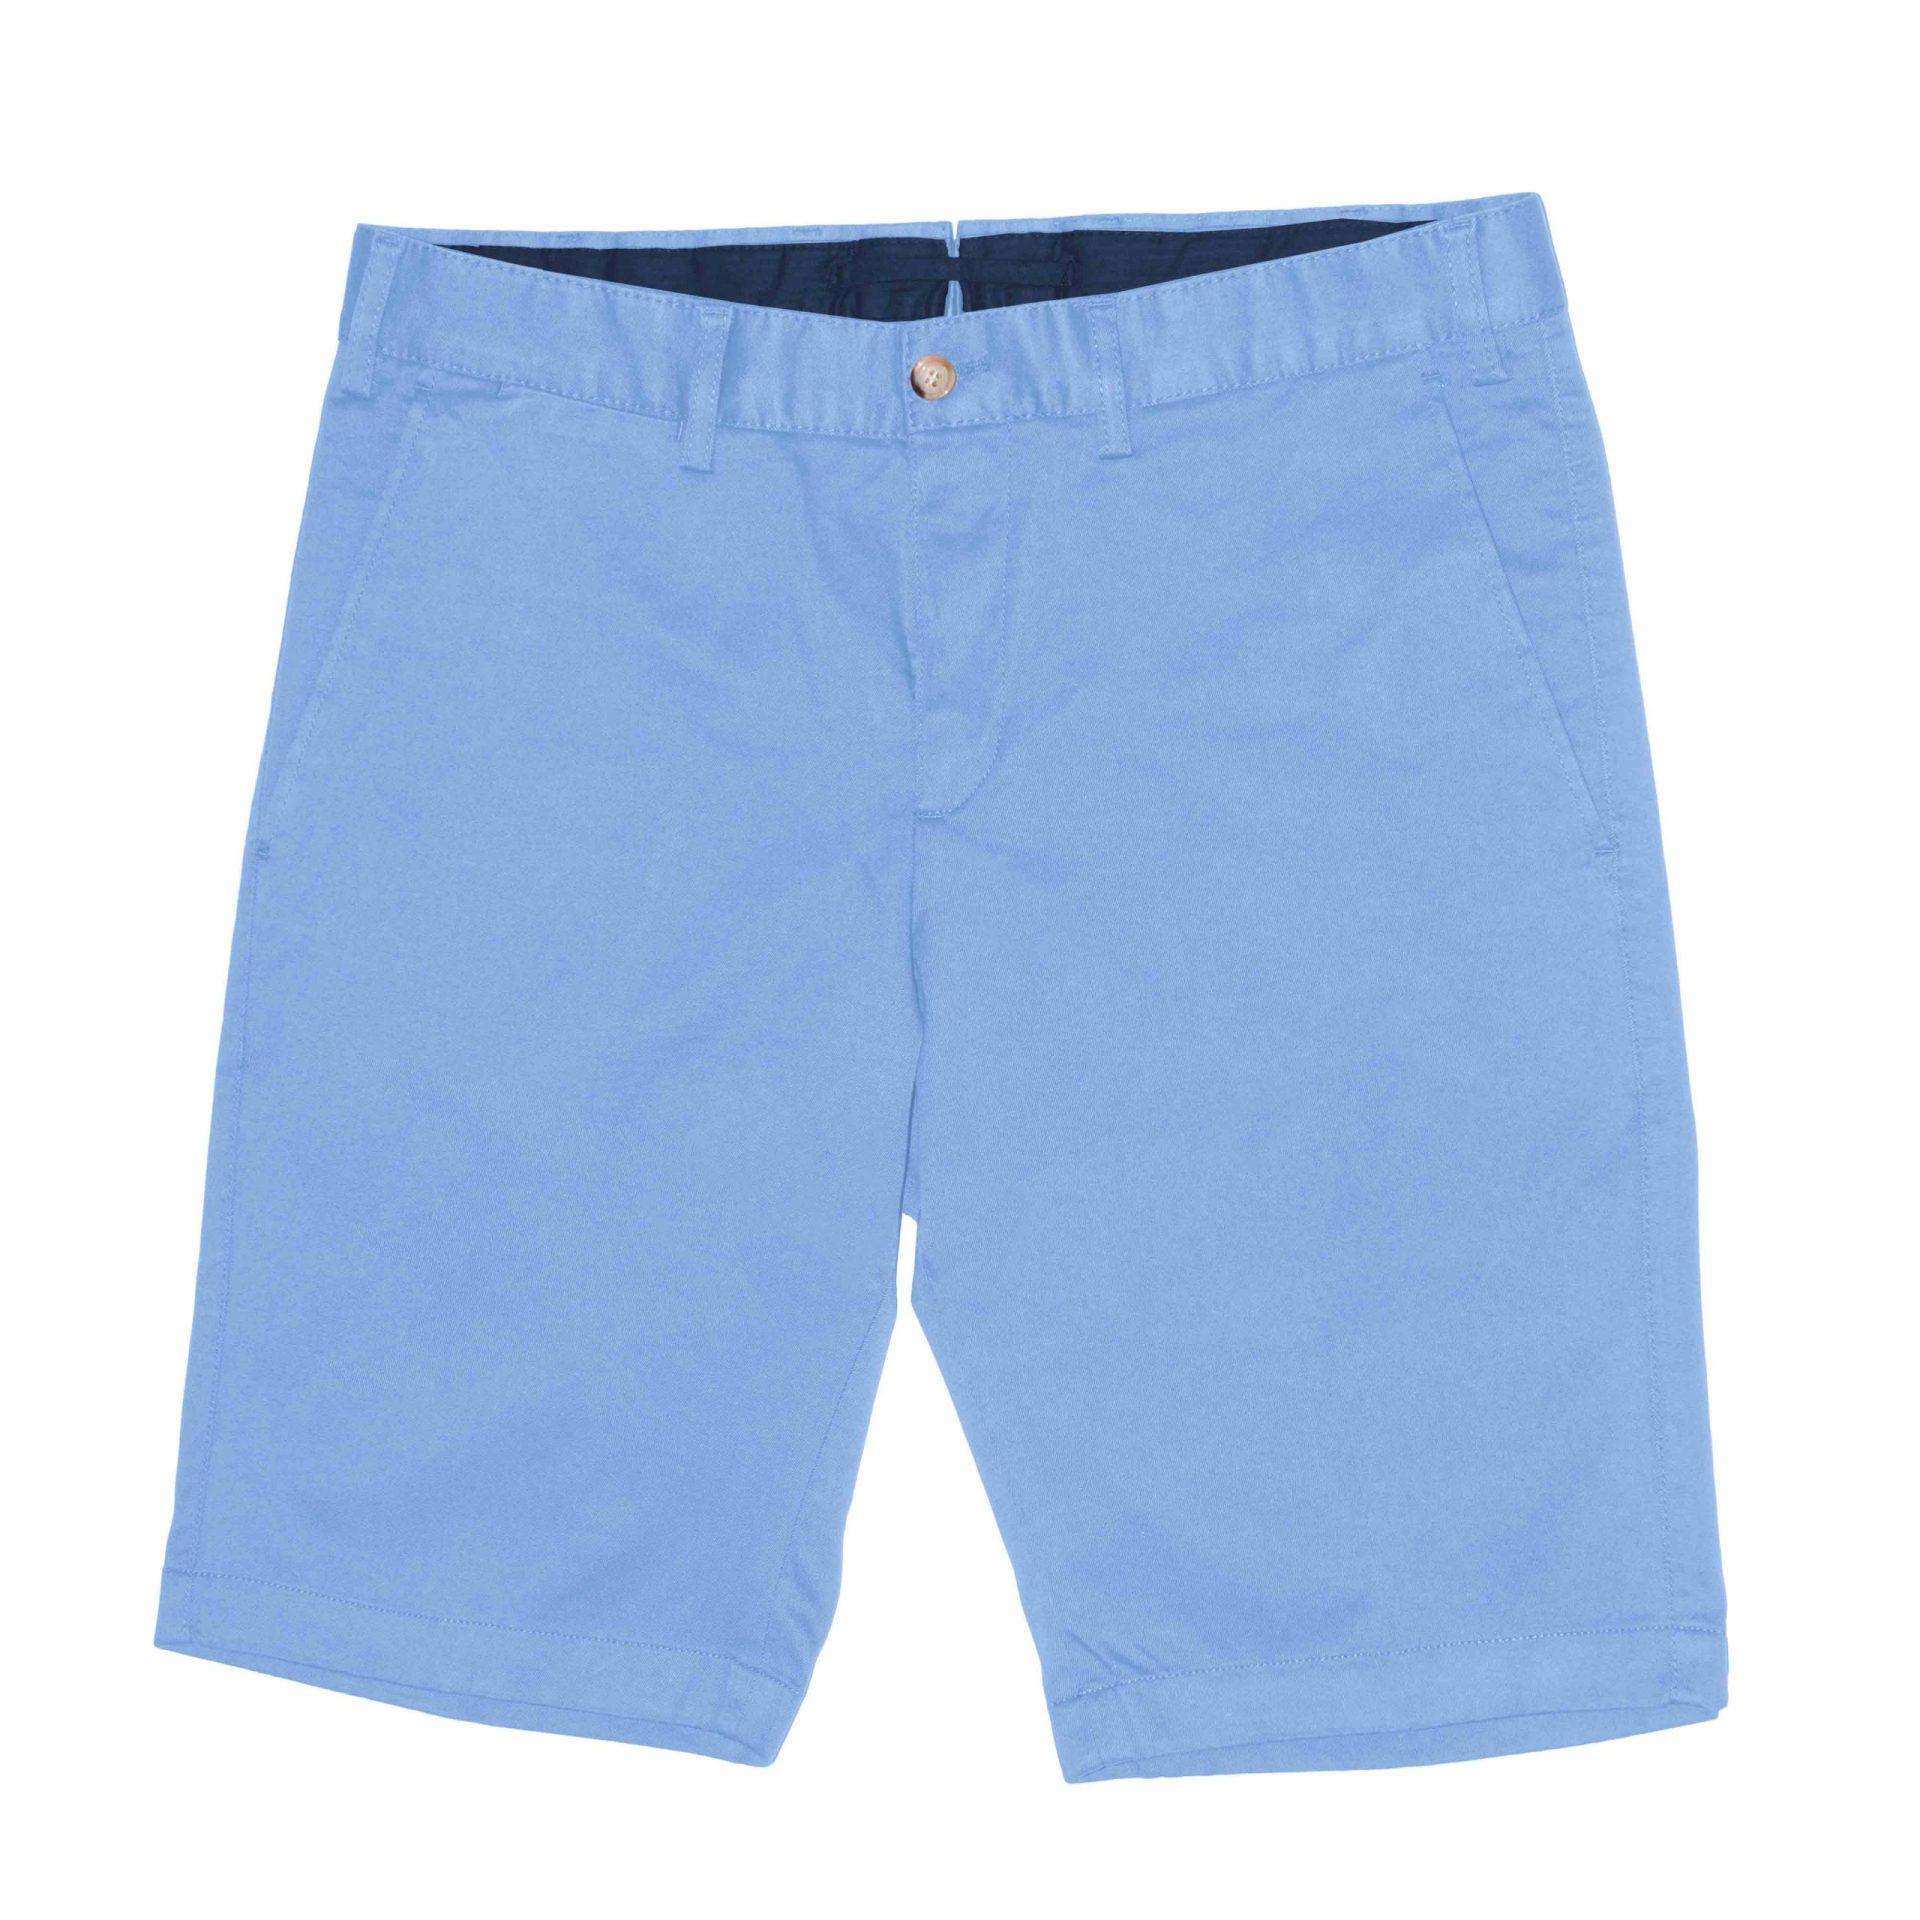 JAGGS-bermuda-bleu-ciel-pret-a-porter